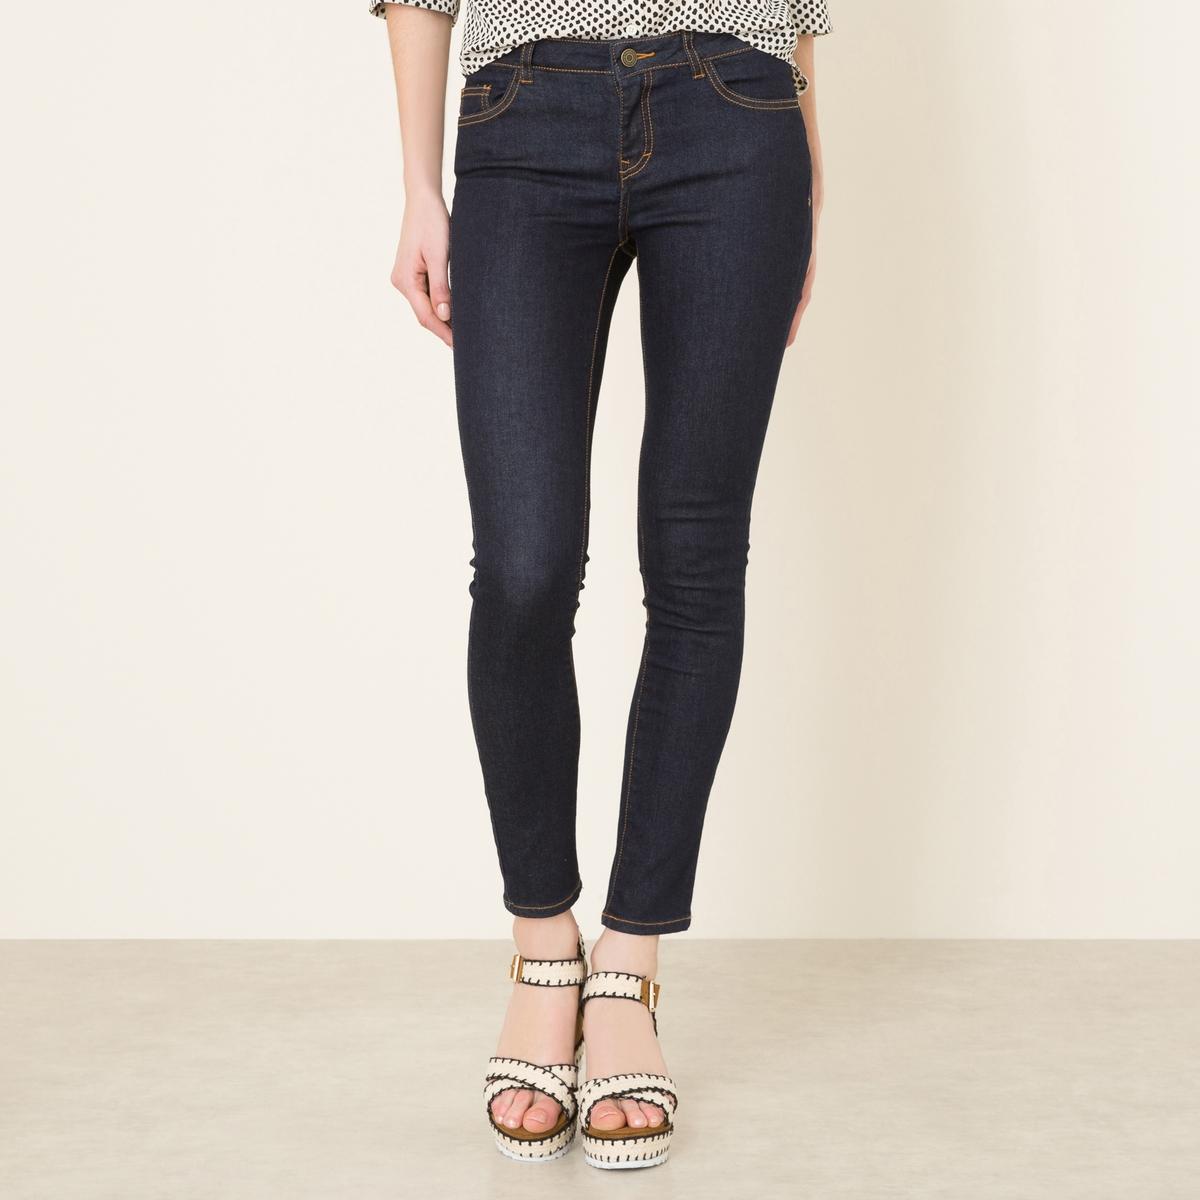 Джинсы-слим ELLA JEANS джинсы слим с тропическим рисунком 3 14 лет